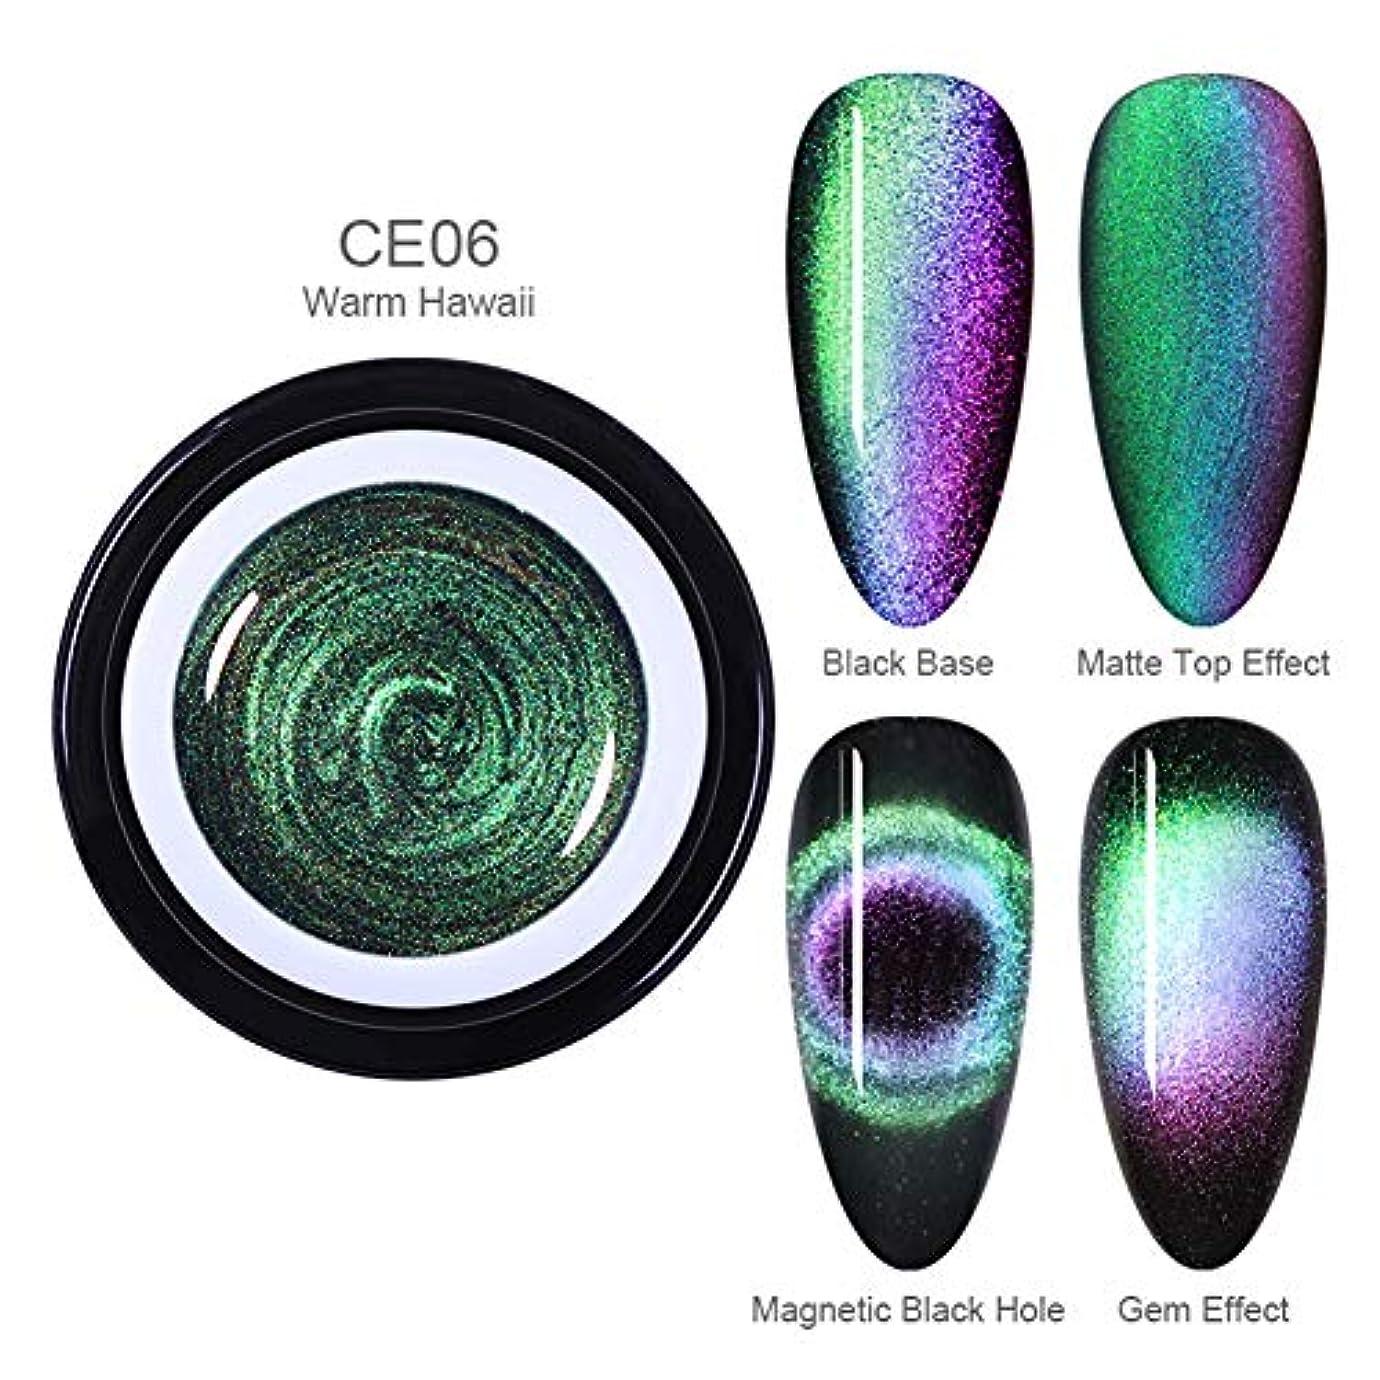 枯れる騙す誤解させるBORN PRETTY 9Dキャッツアイジェルカラー 磁石で模様が変わる 6ml 6色選択可 UV/LED対応 ジェルネイルアート (BP-CE06 Warm Hawaii)